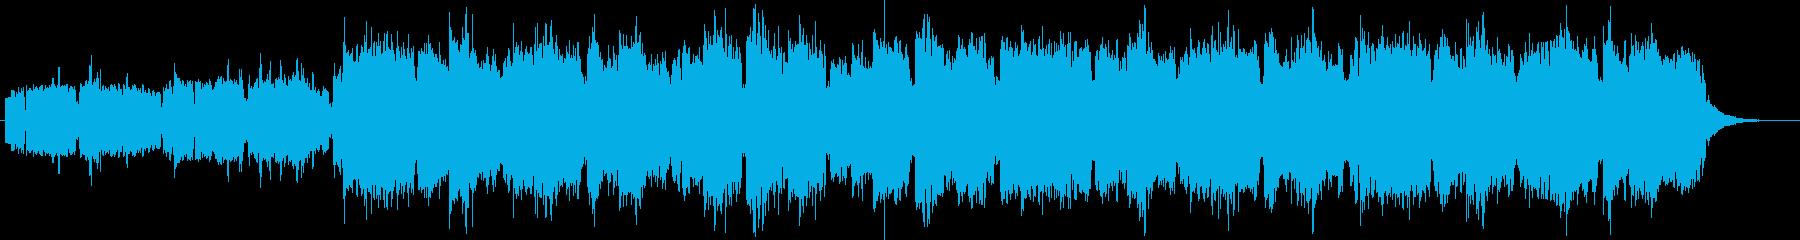 笛とホルンの爽やかなジングルの再生済みの波形